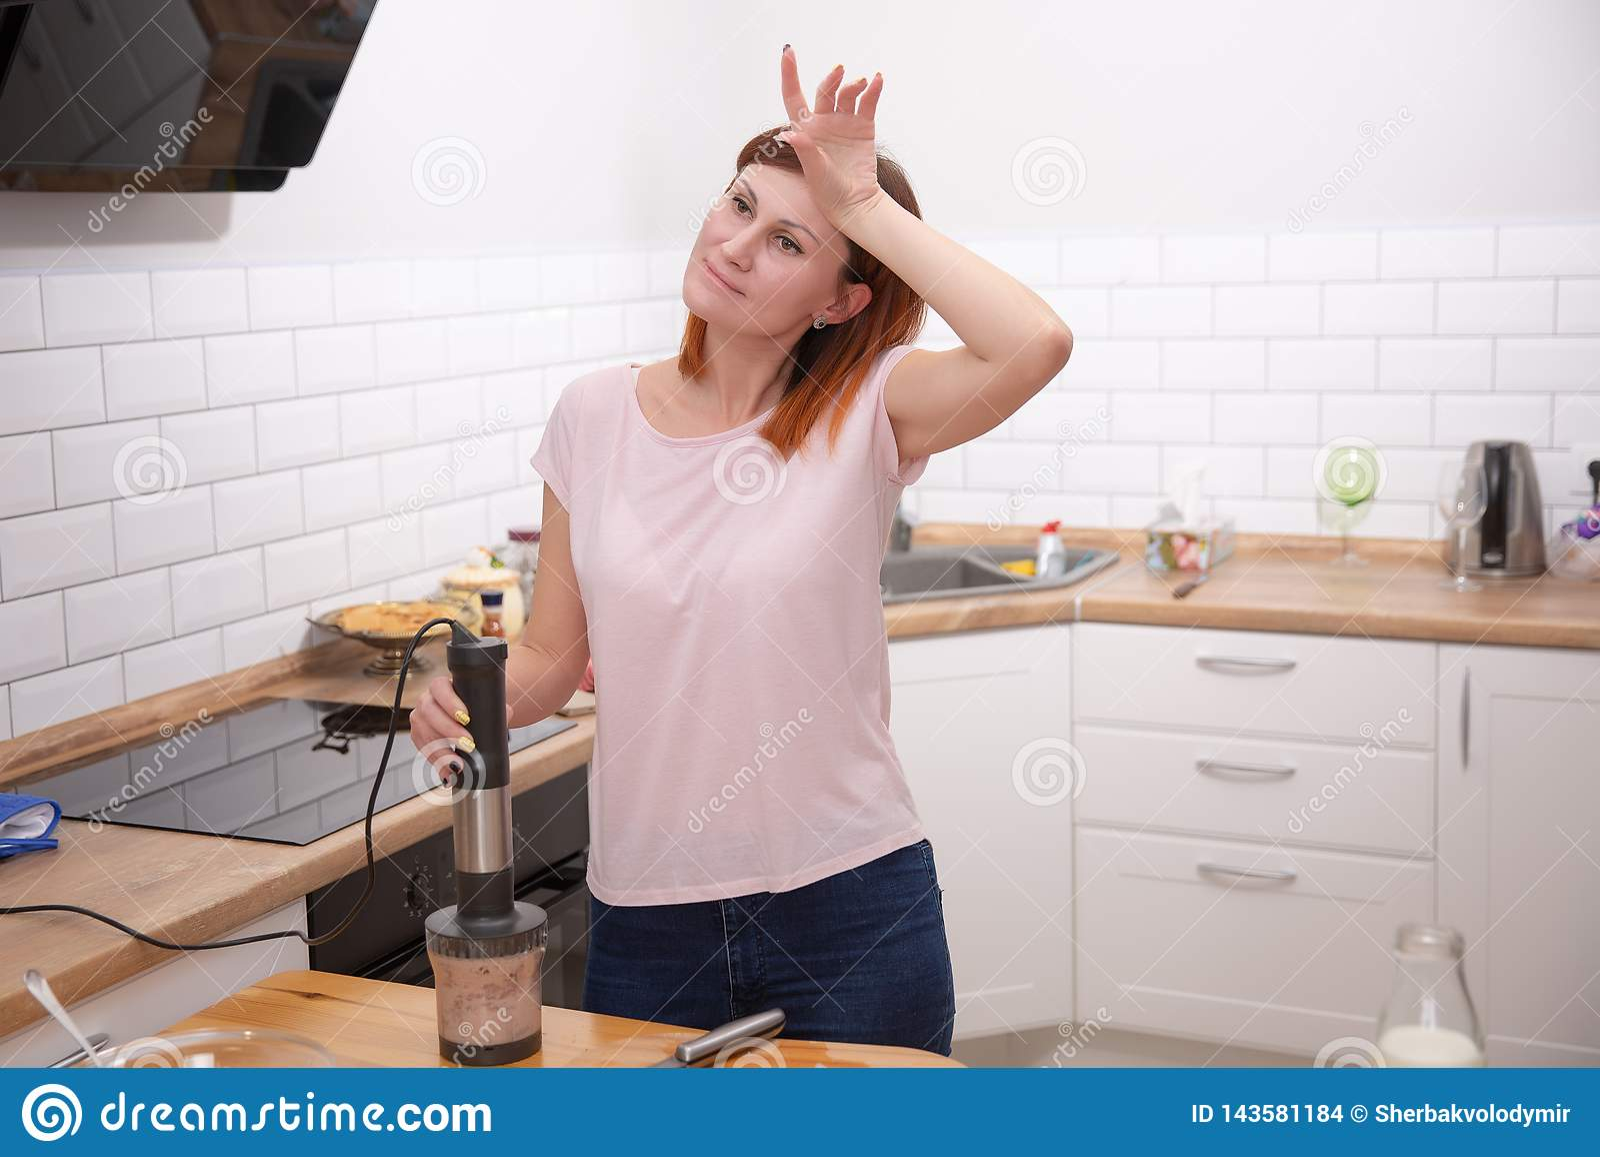 Уставшая домохозяйка полагаясь на кухонном комбайне пока варящ на кухне дома Осложненный рецепт